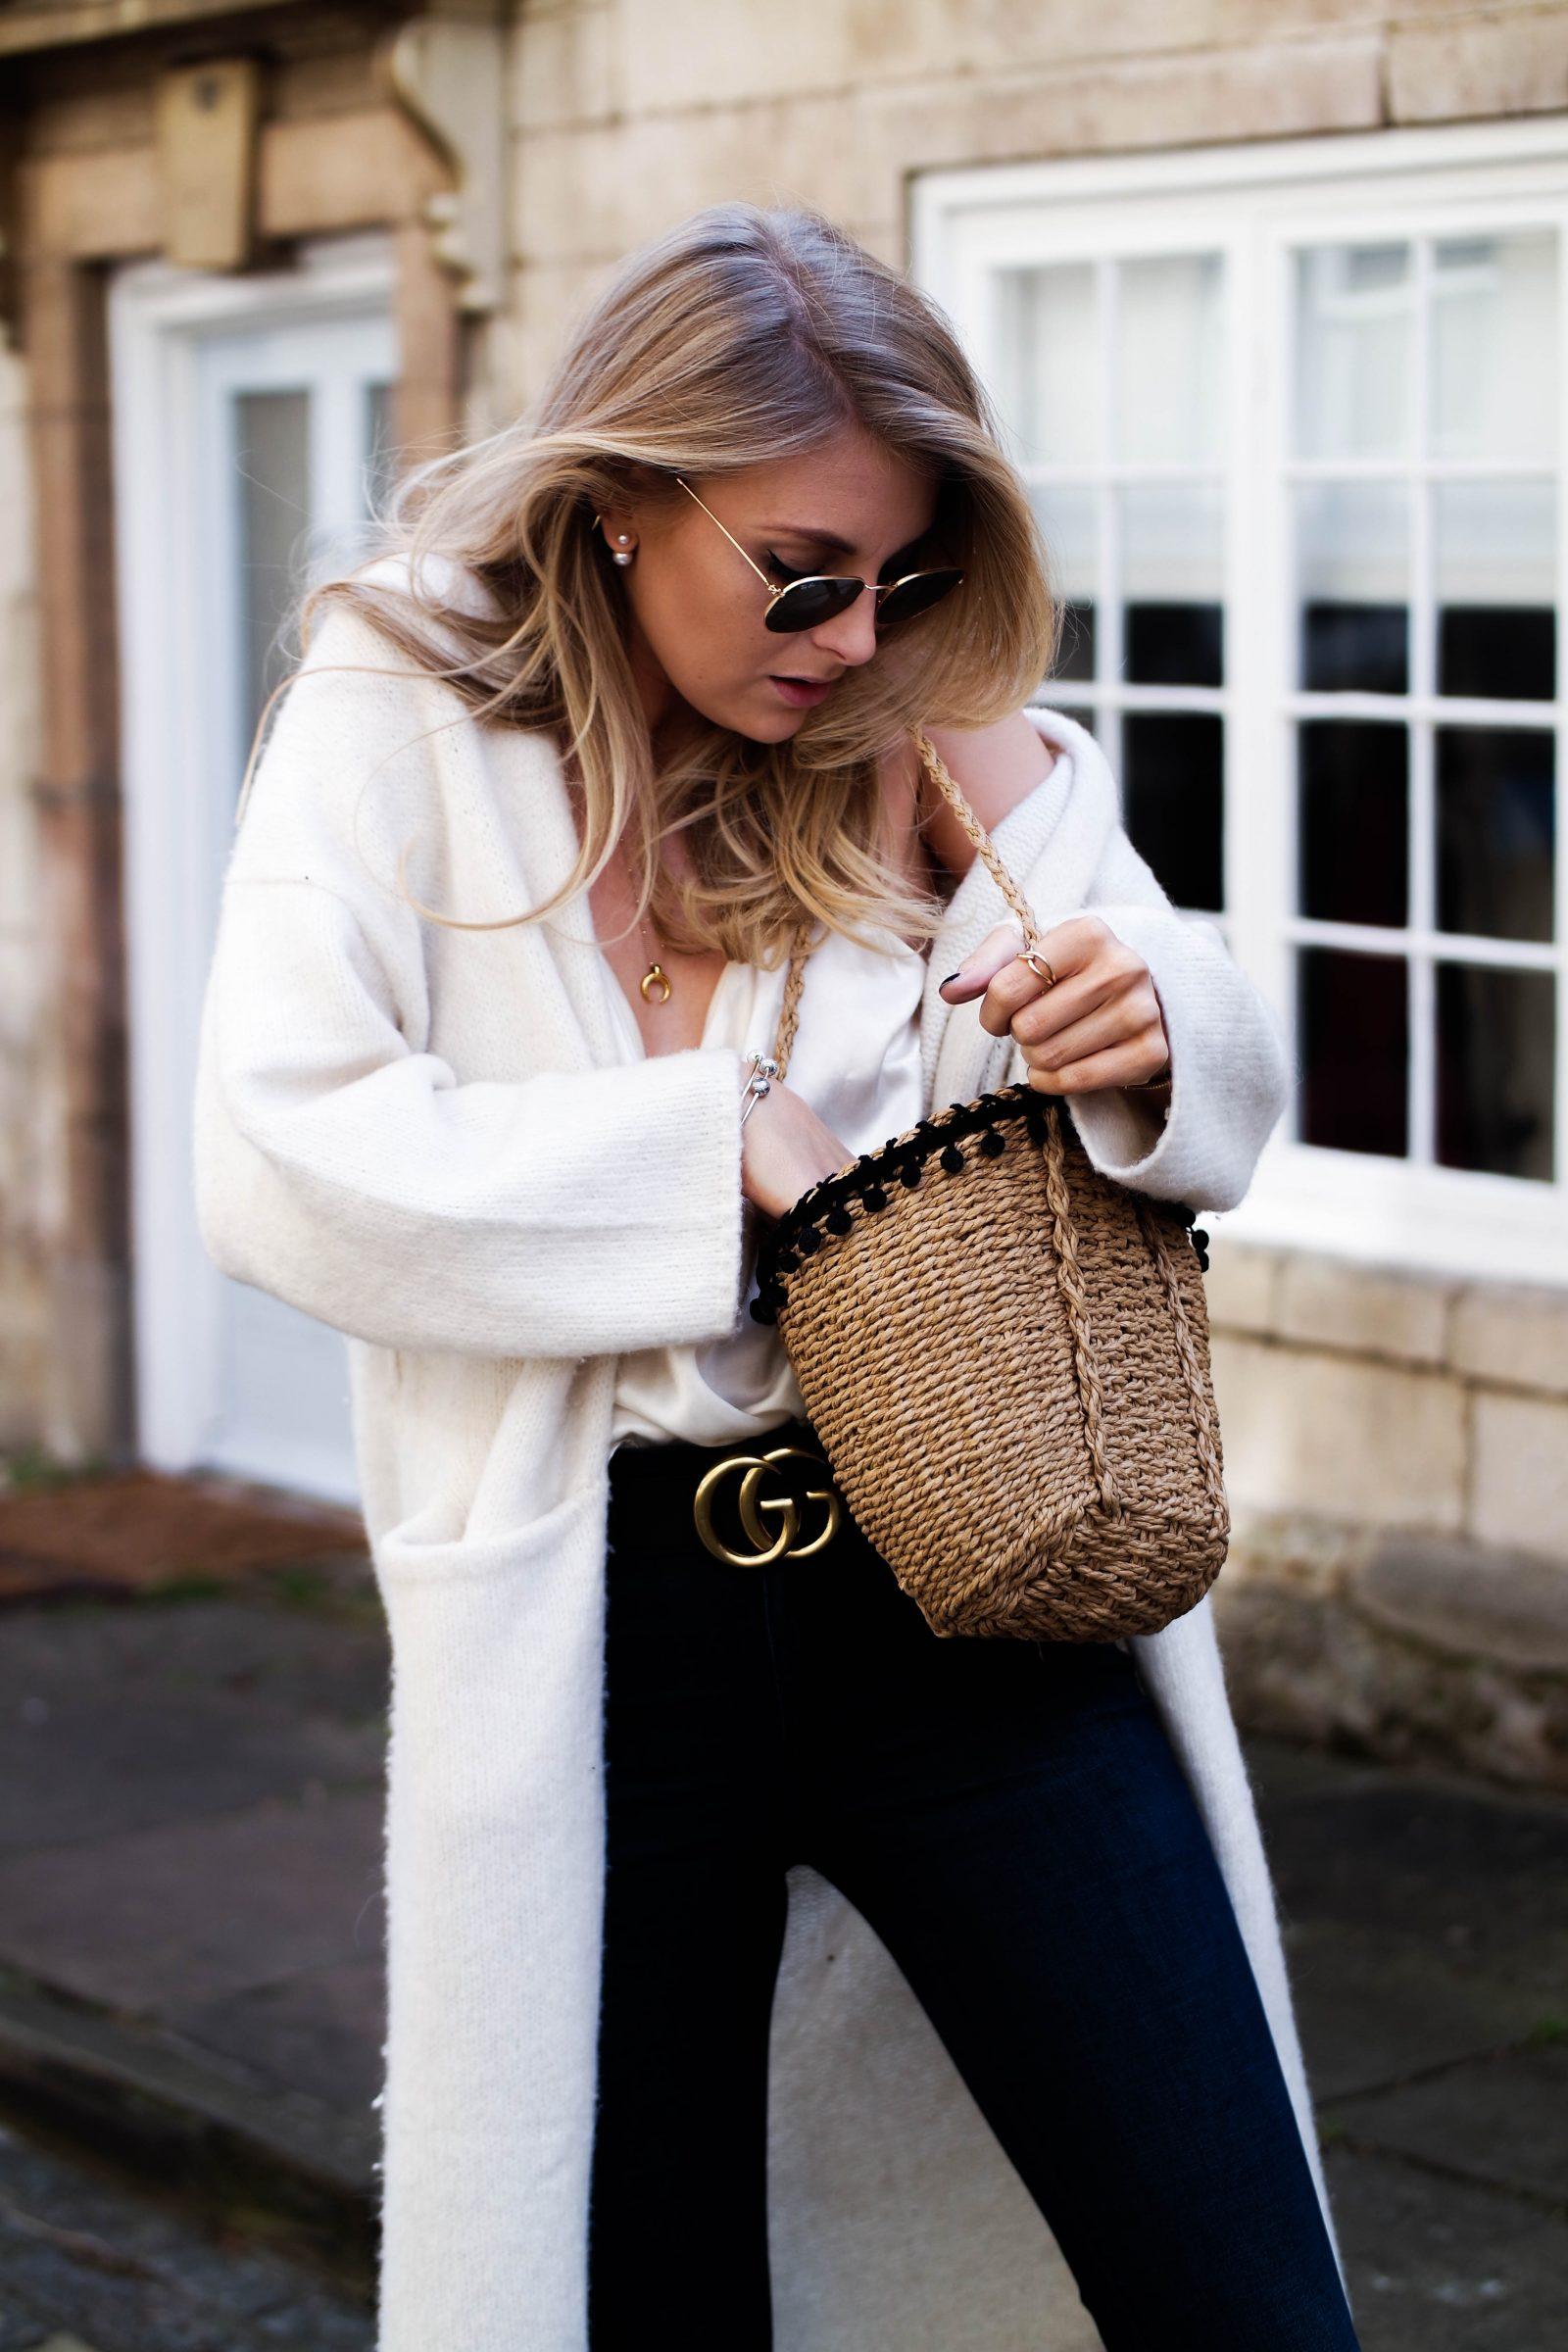 The New Denim - How To Wear Flares - Zara Basket Bag